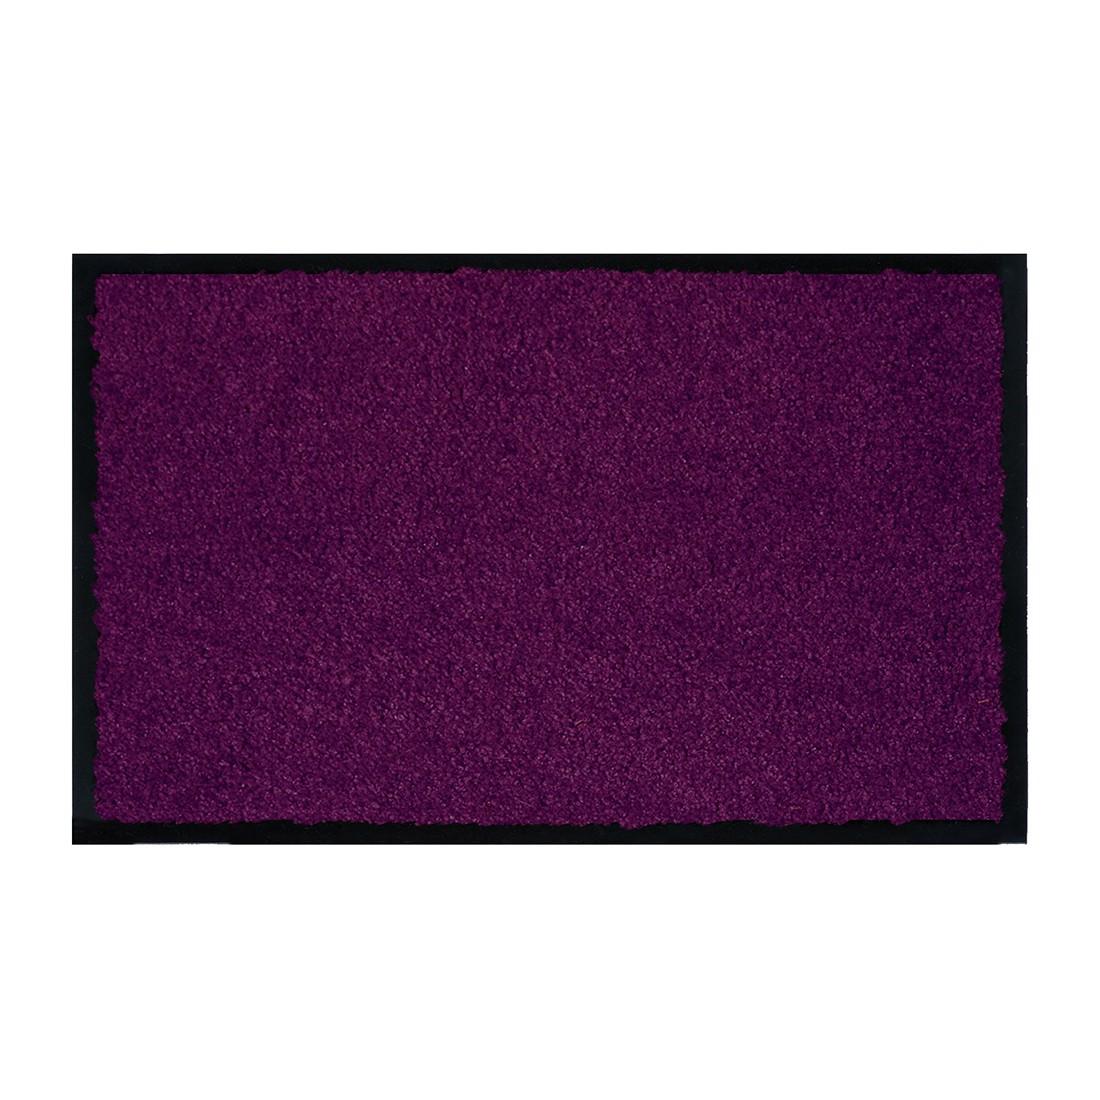 Fußmatte Proper Tex – Burgund – 90 x 150 cm, Astra günstig kaufen